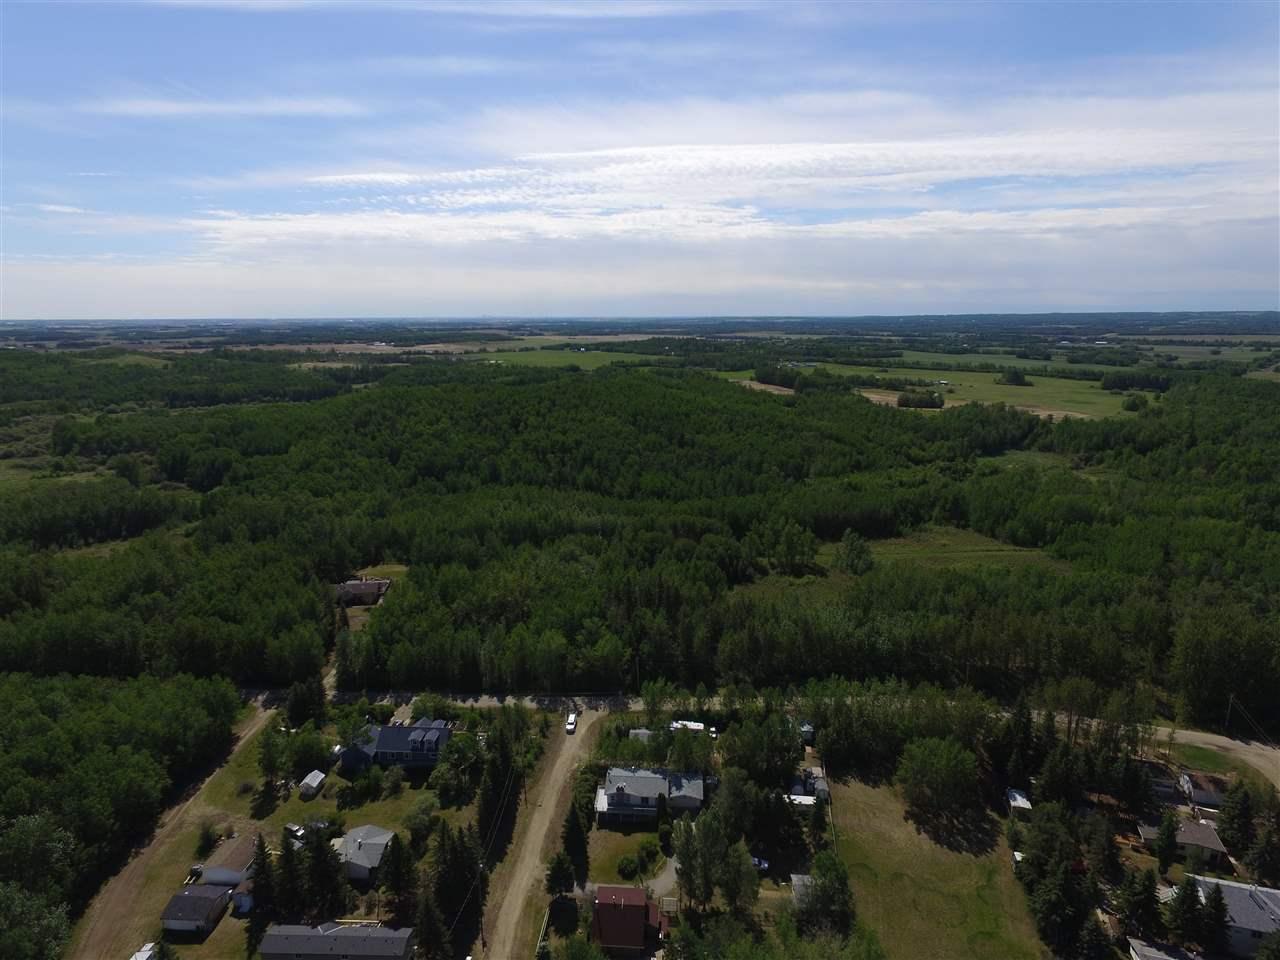 Township 552 Range Road 10, at $72,900